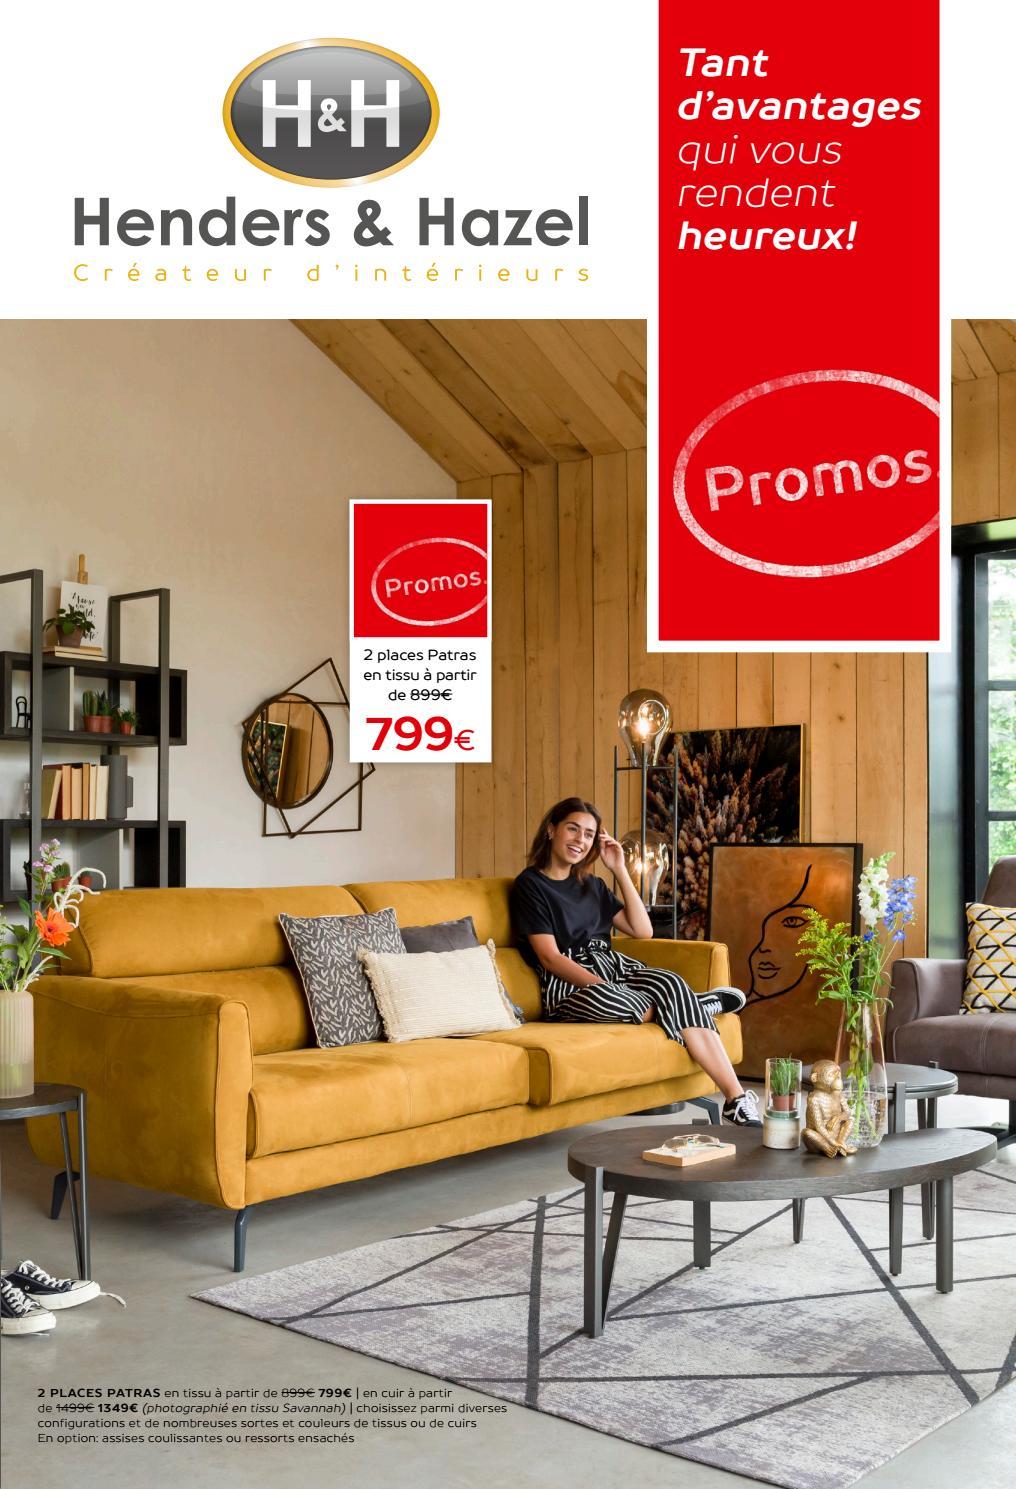 Meubles Henders Et Hazel interiors zaventem - folder henders & hazel fr - 082019